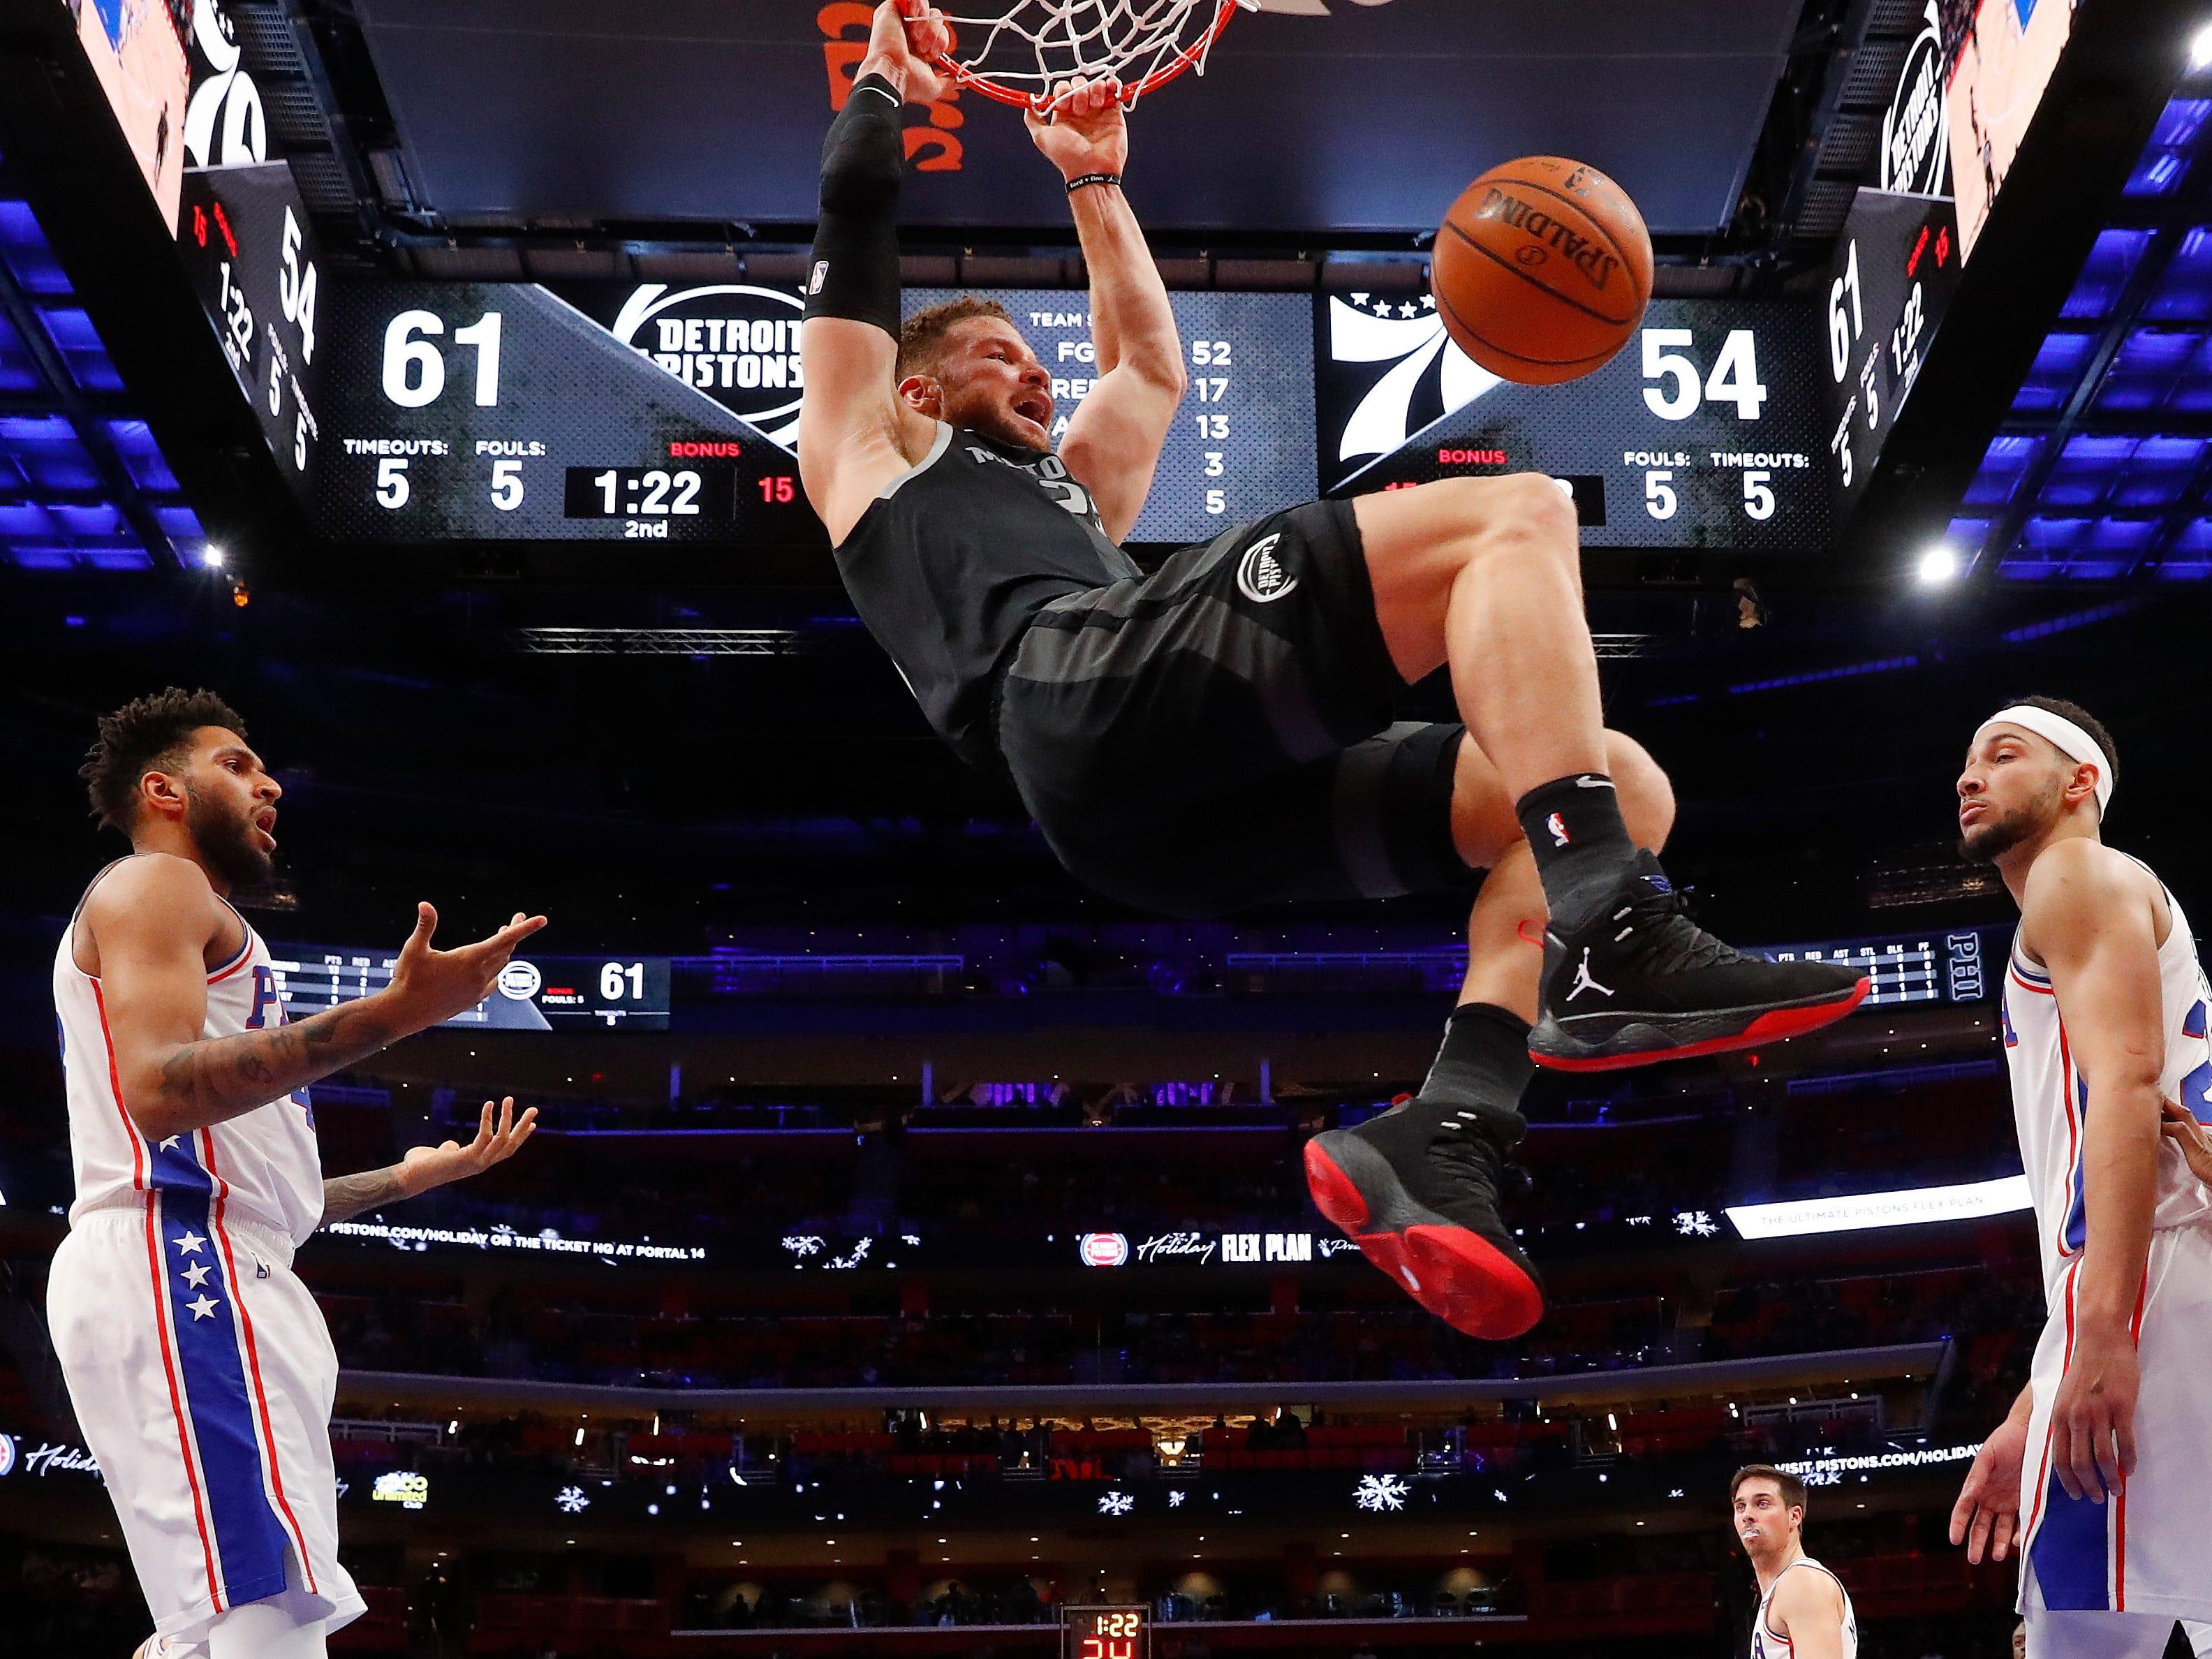 Detroit Pistons forward Blake Griffin (23) dunks against the Philadelphia 76ers in the first half.